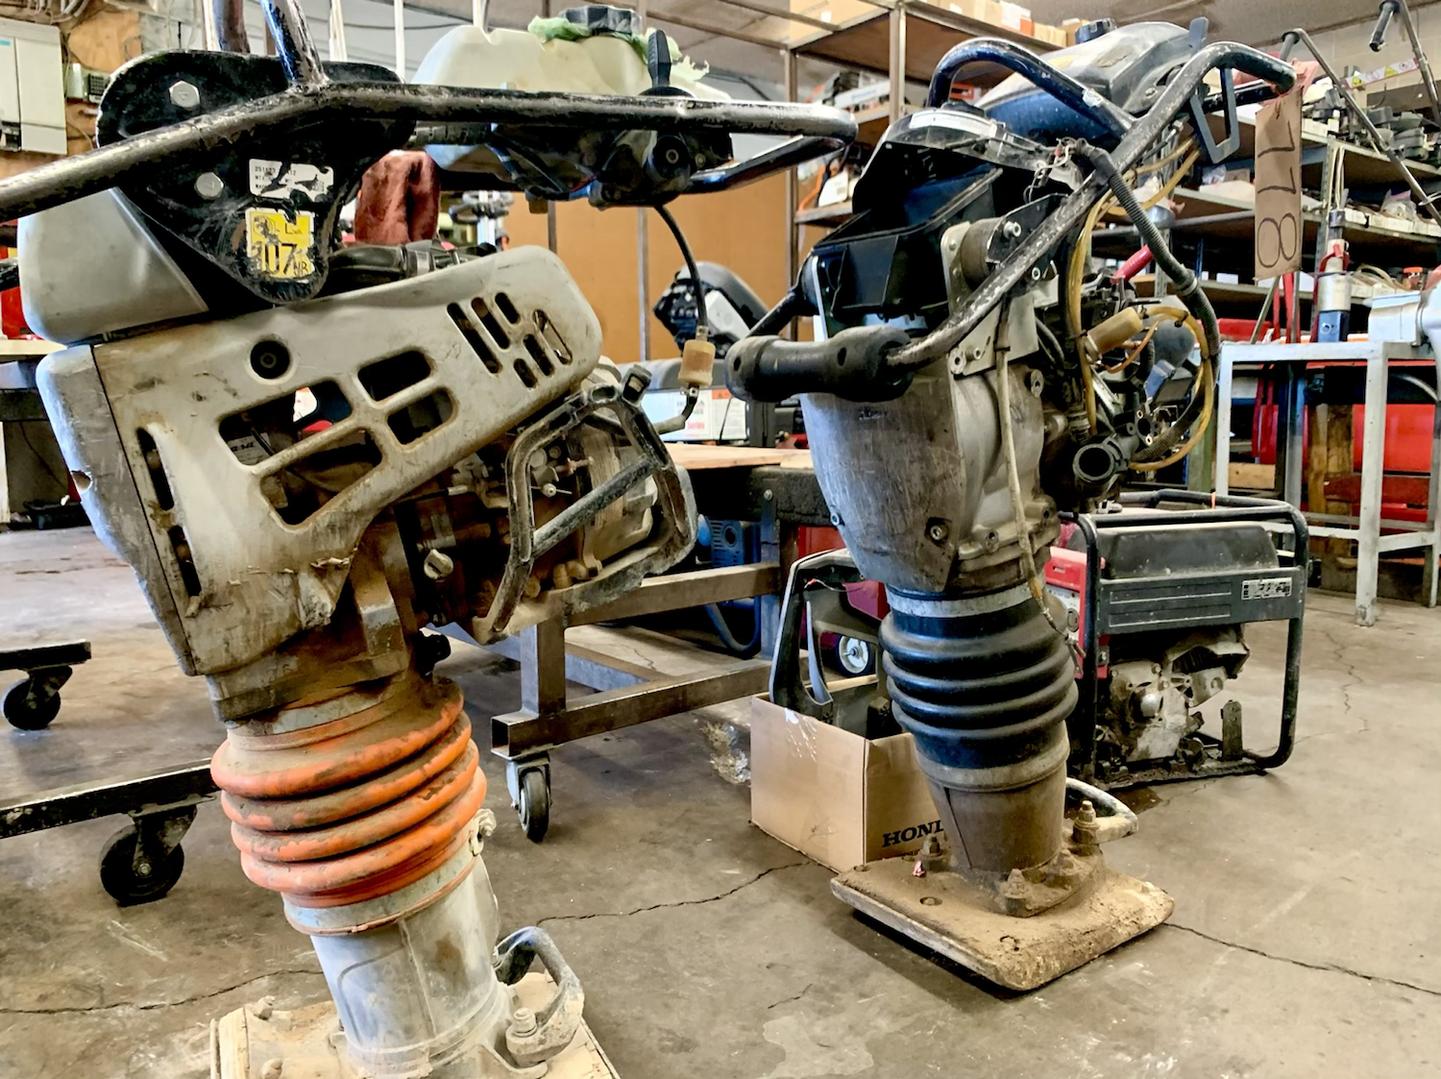 Image, rammer repair service